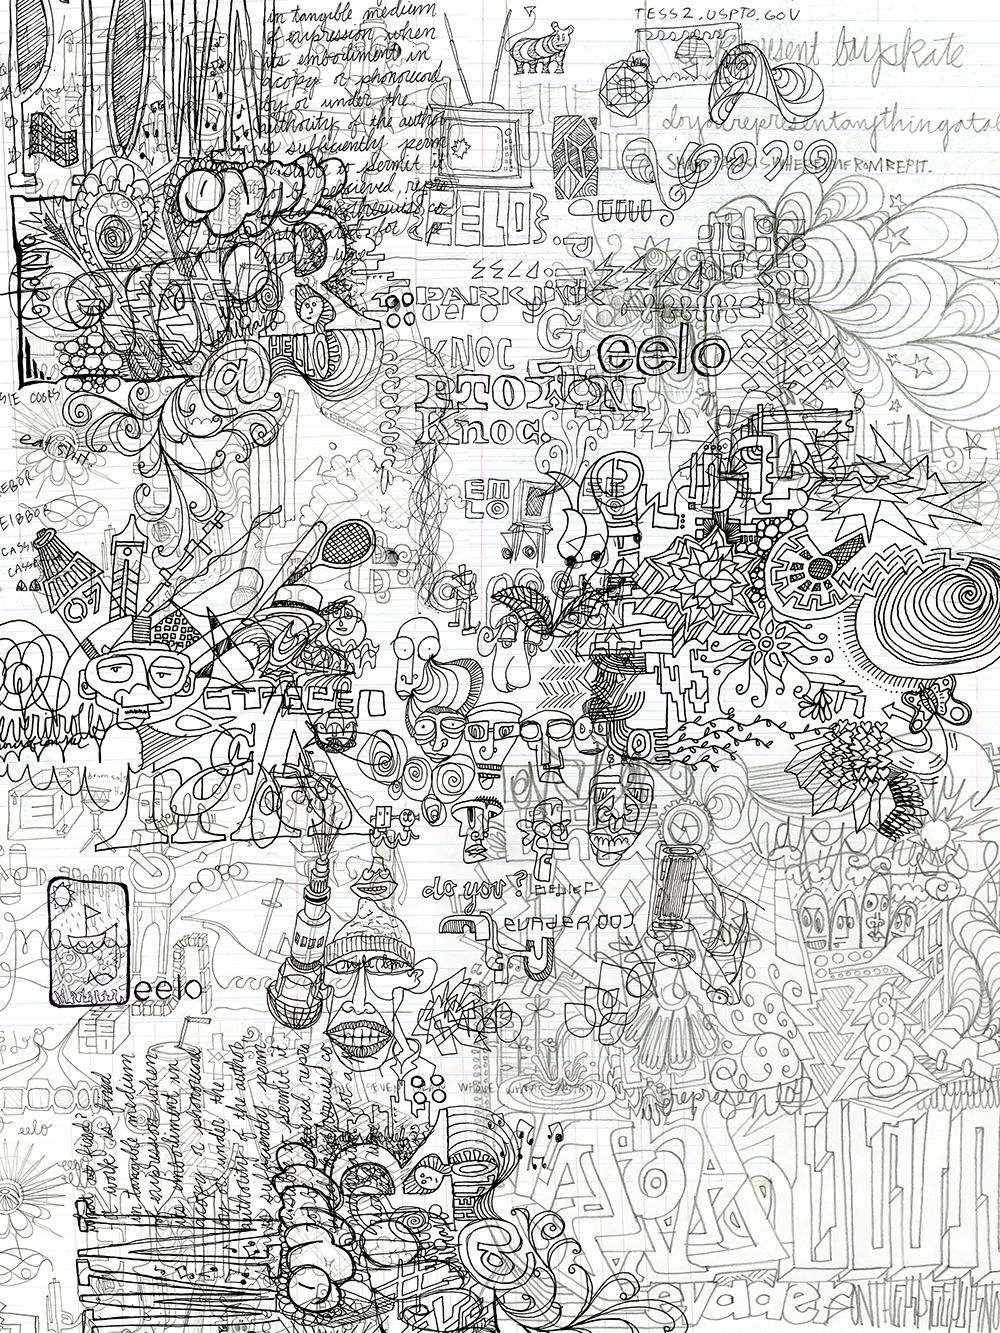 drawing_flowbased_sketchplore.jpg